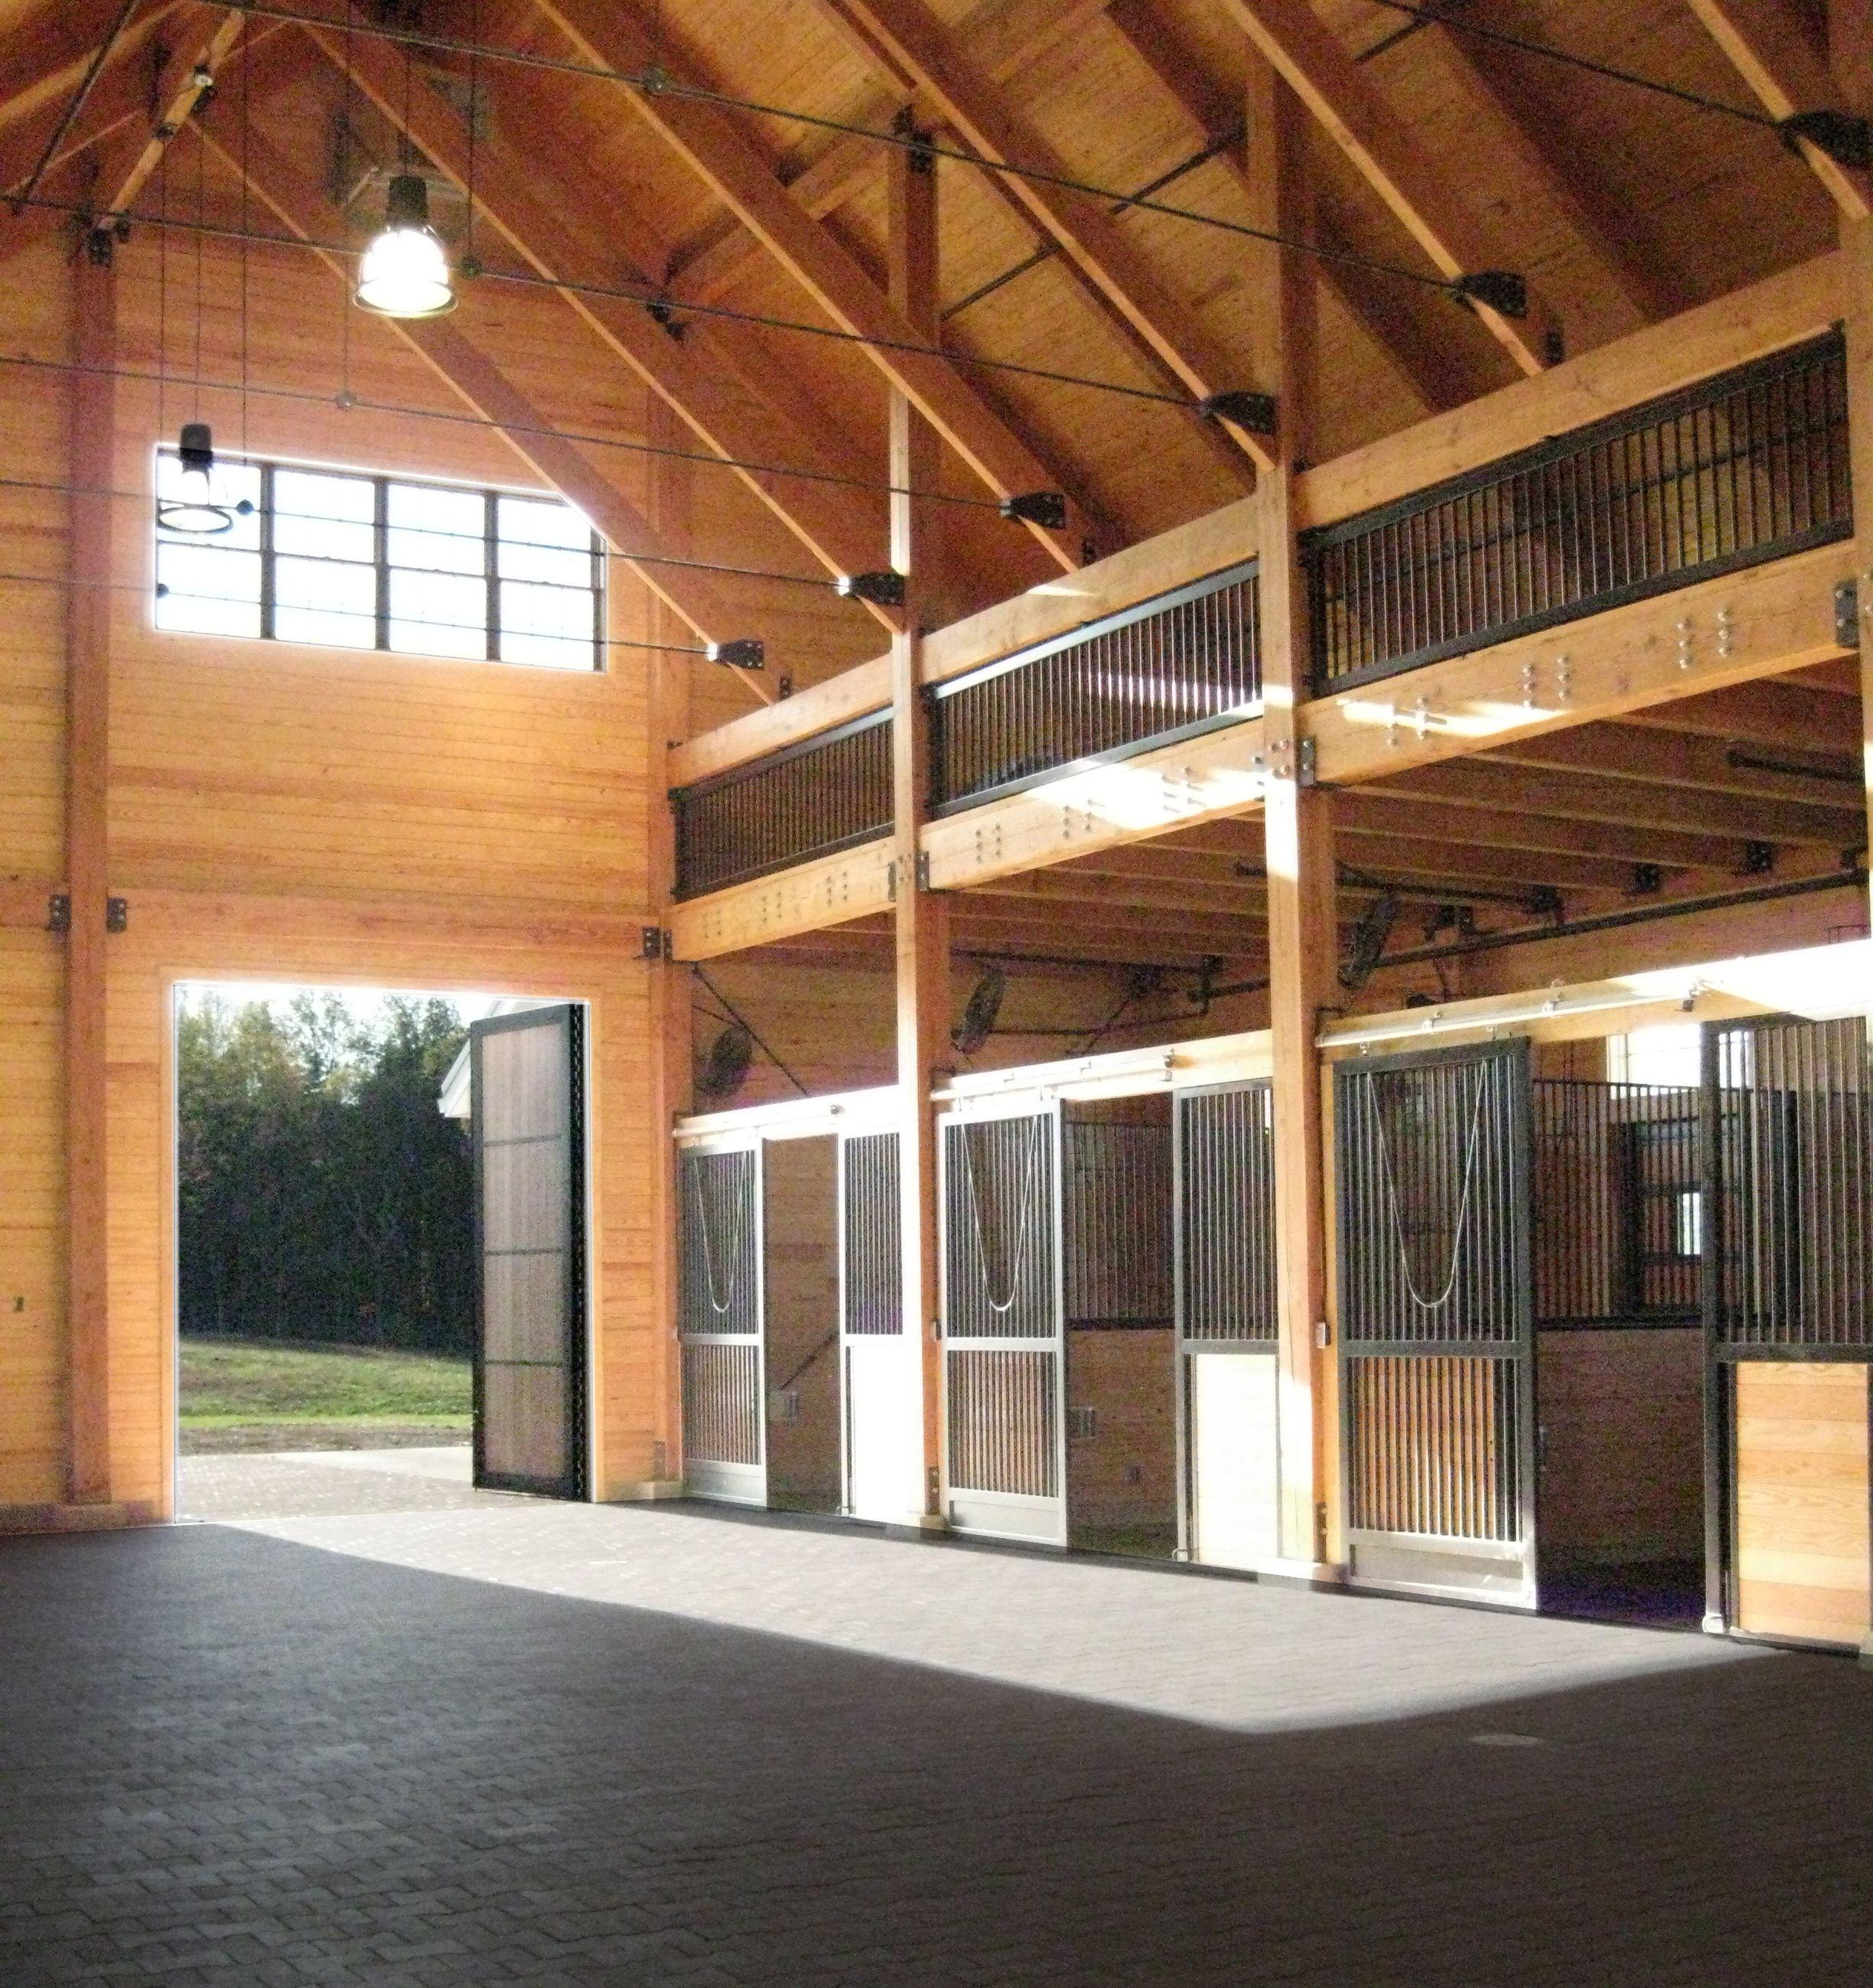 vue interieure d une ecurie en bois ecuries de luxe etables a chevaux